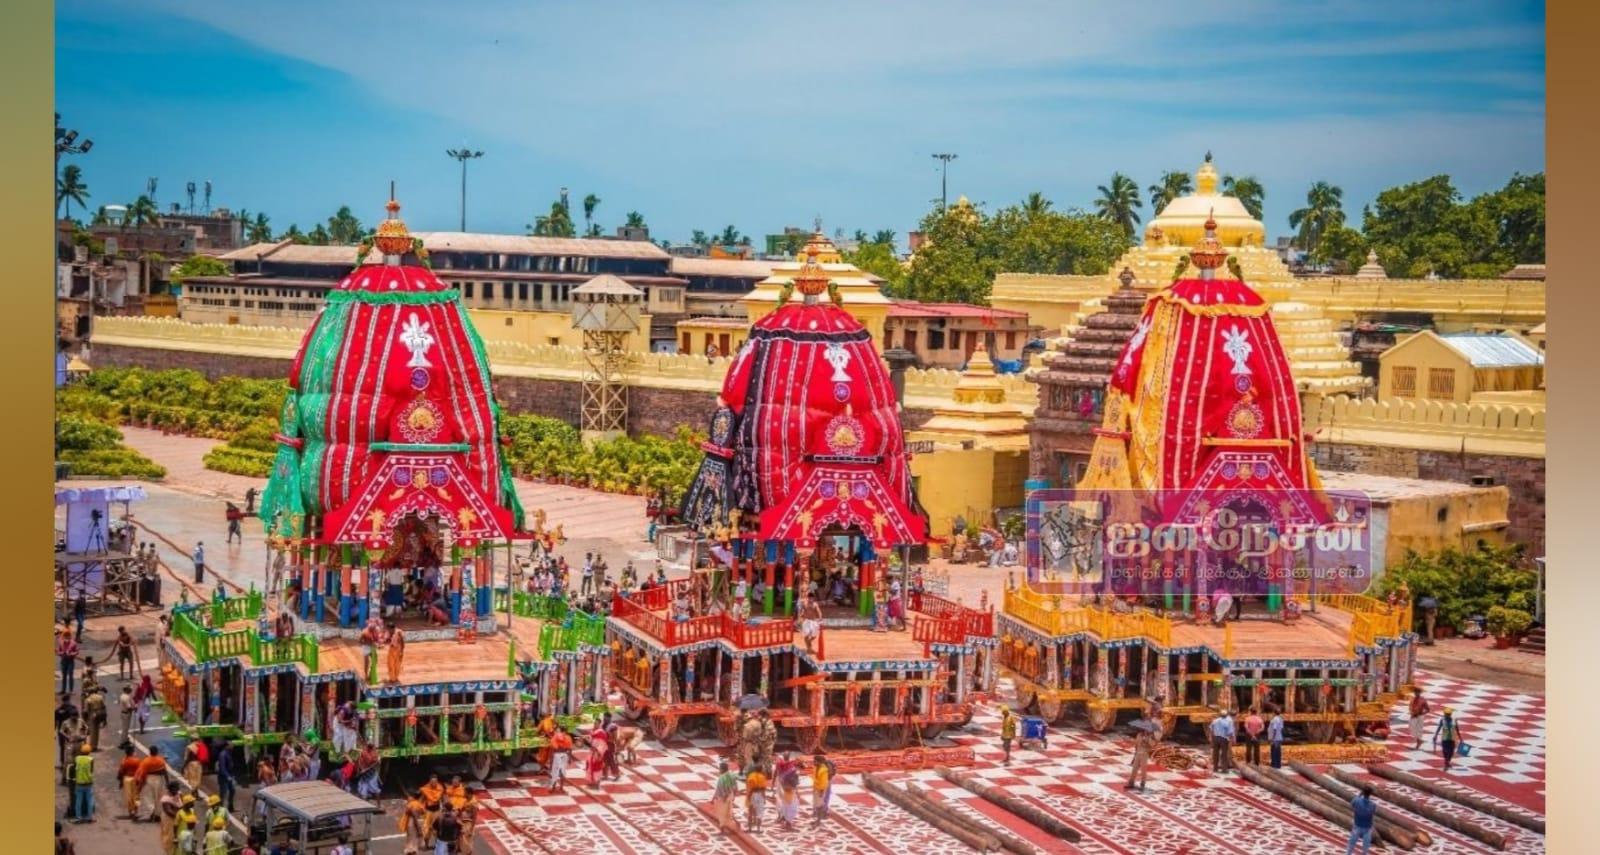 பக்தர்கள் இன்றி நடைபெற்ற பூரி ஜெகநாதர்கோவில் ரத யாத்திரை..!